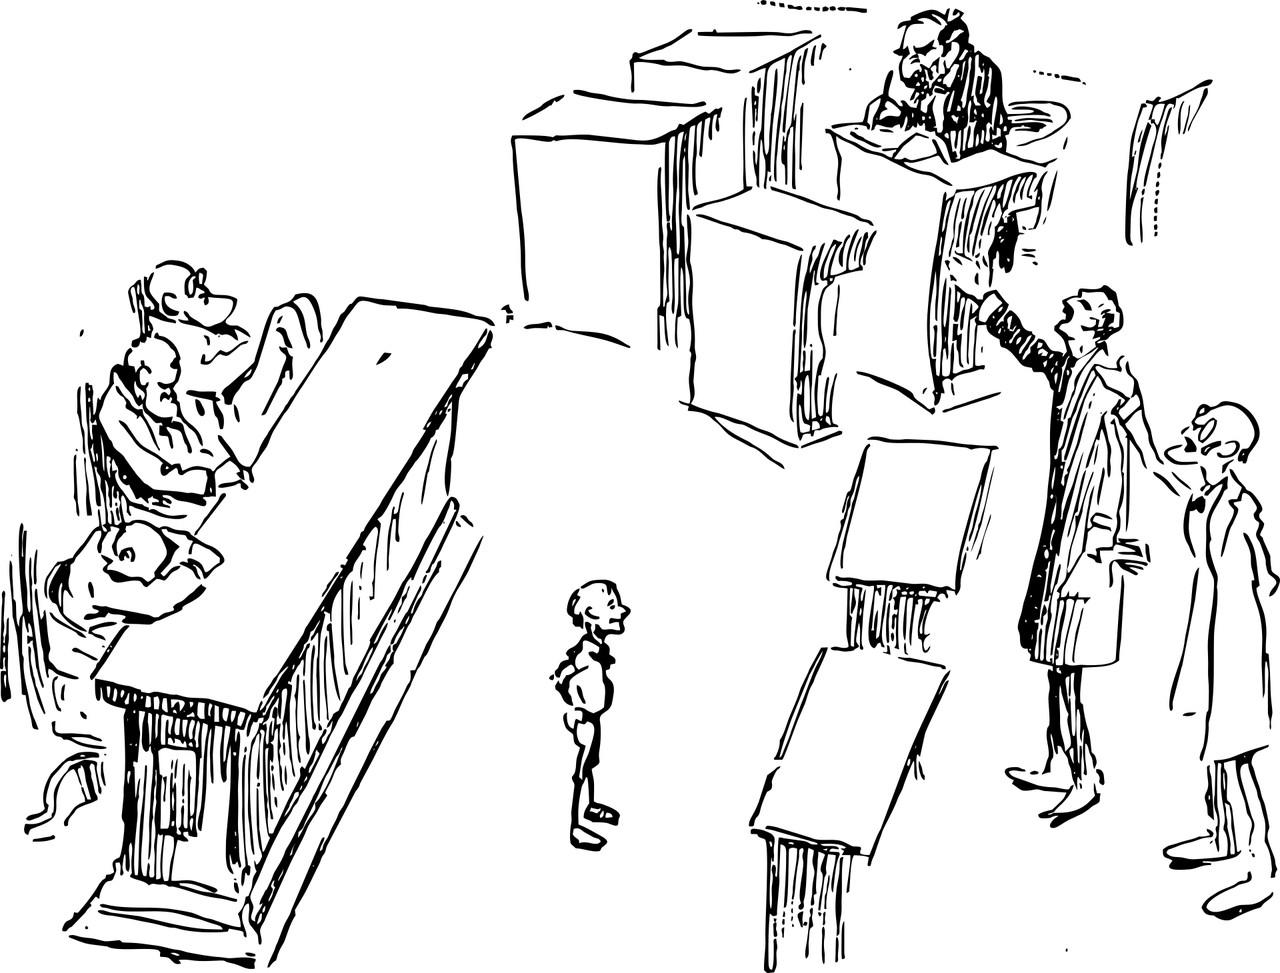 JOVD: Het publieke debat is de hoeksteen van onze representatieve democratie